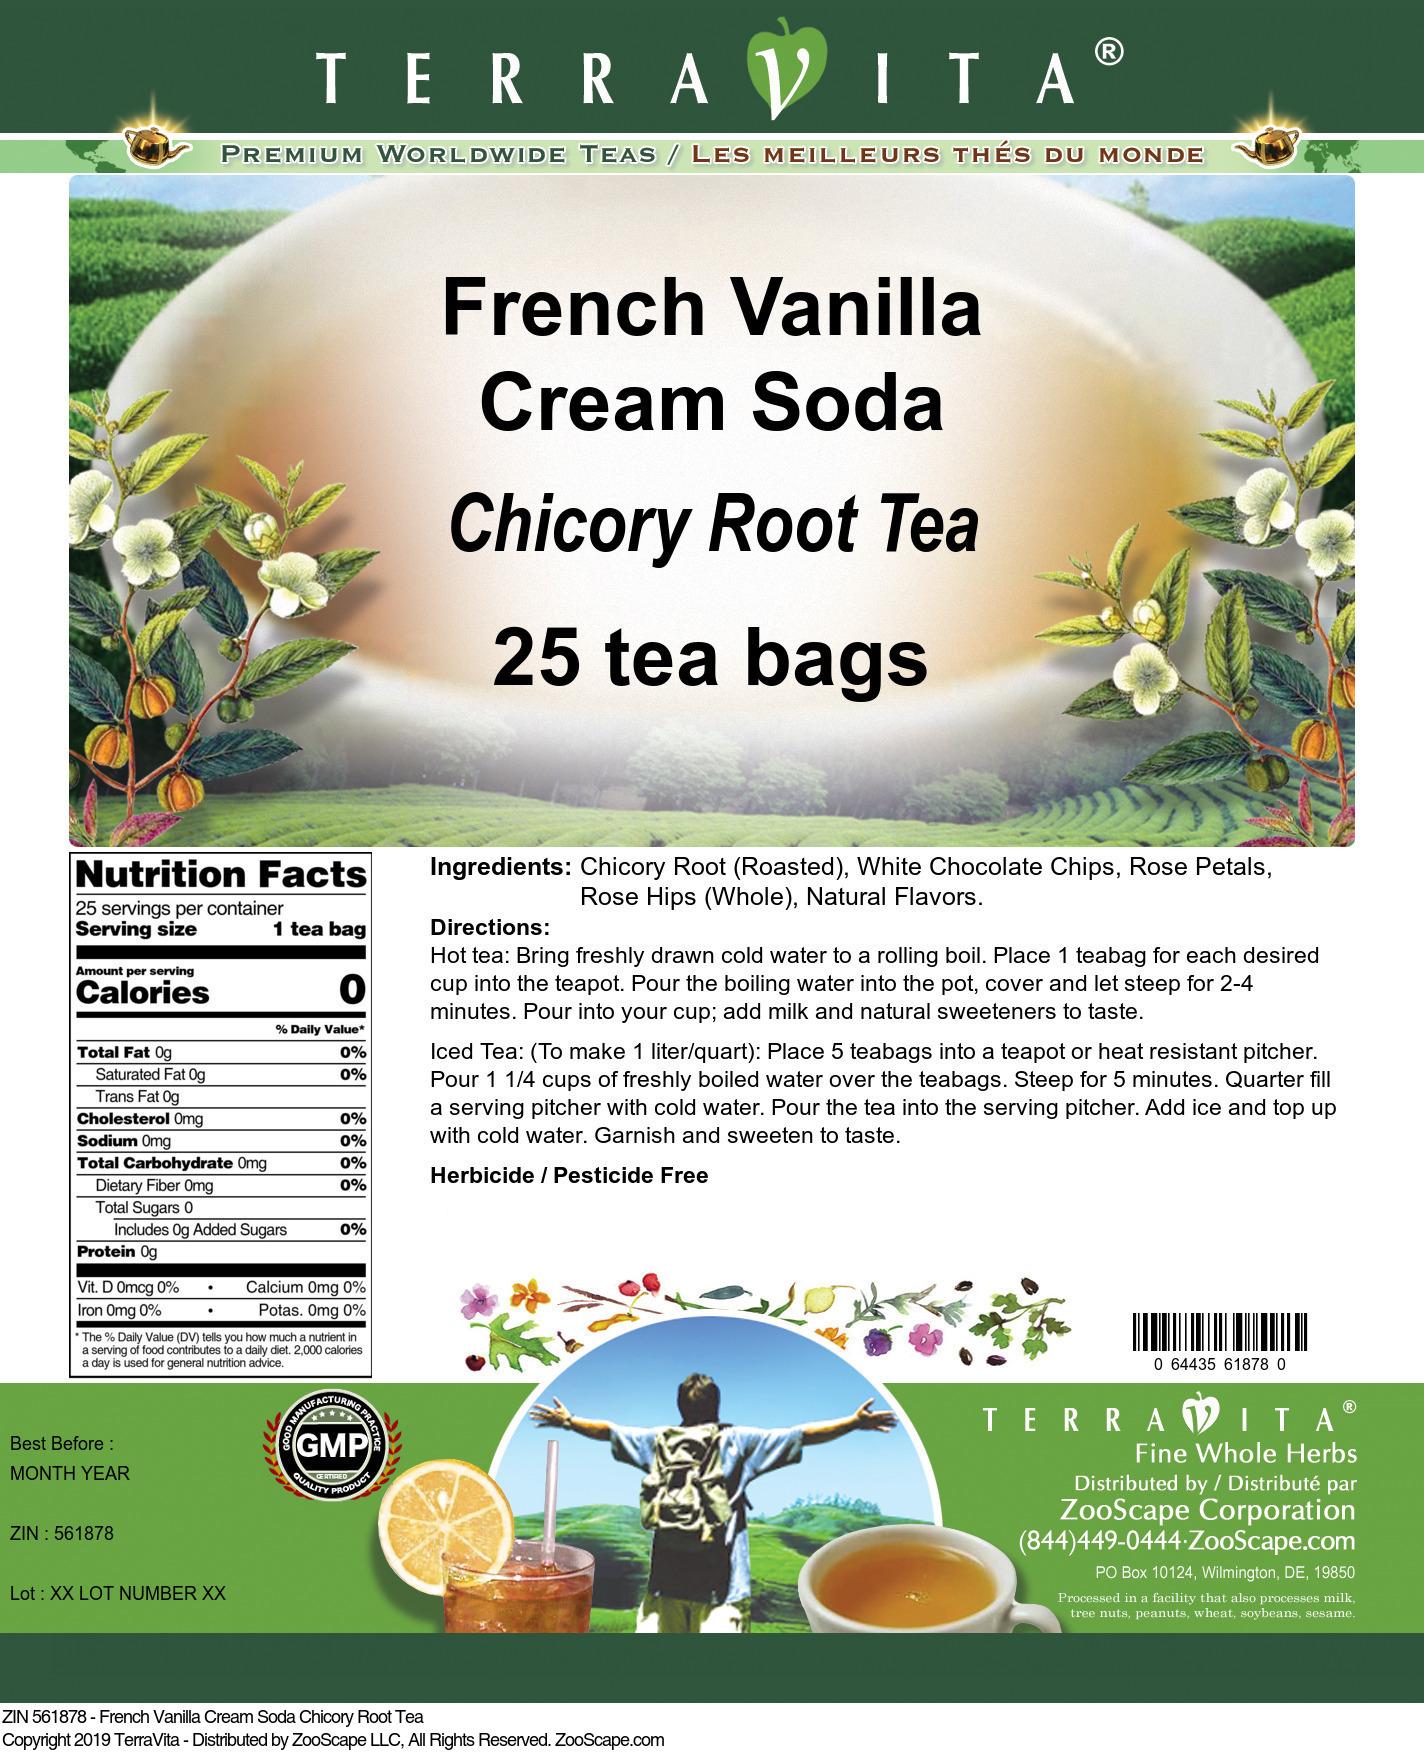 French Vanilla Cream Soda Chicory Root